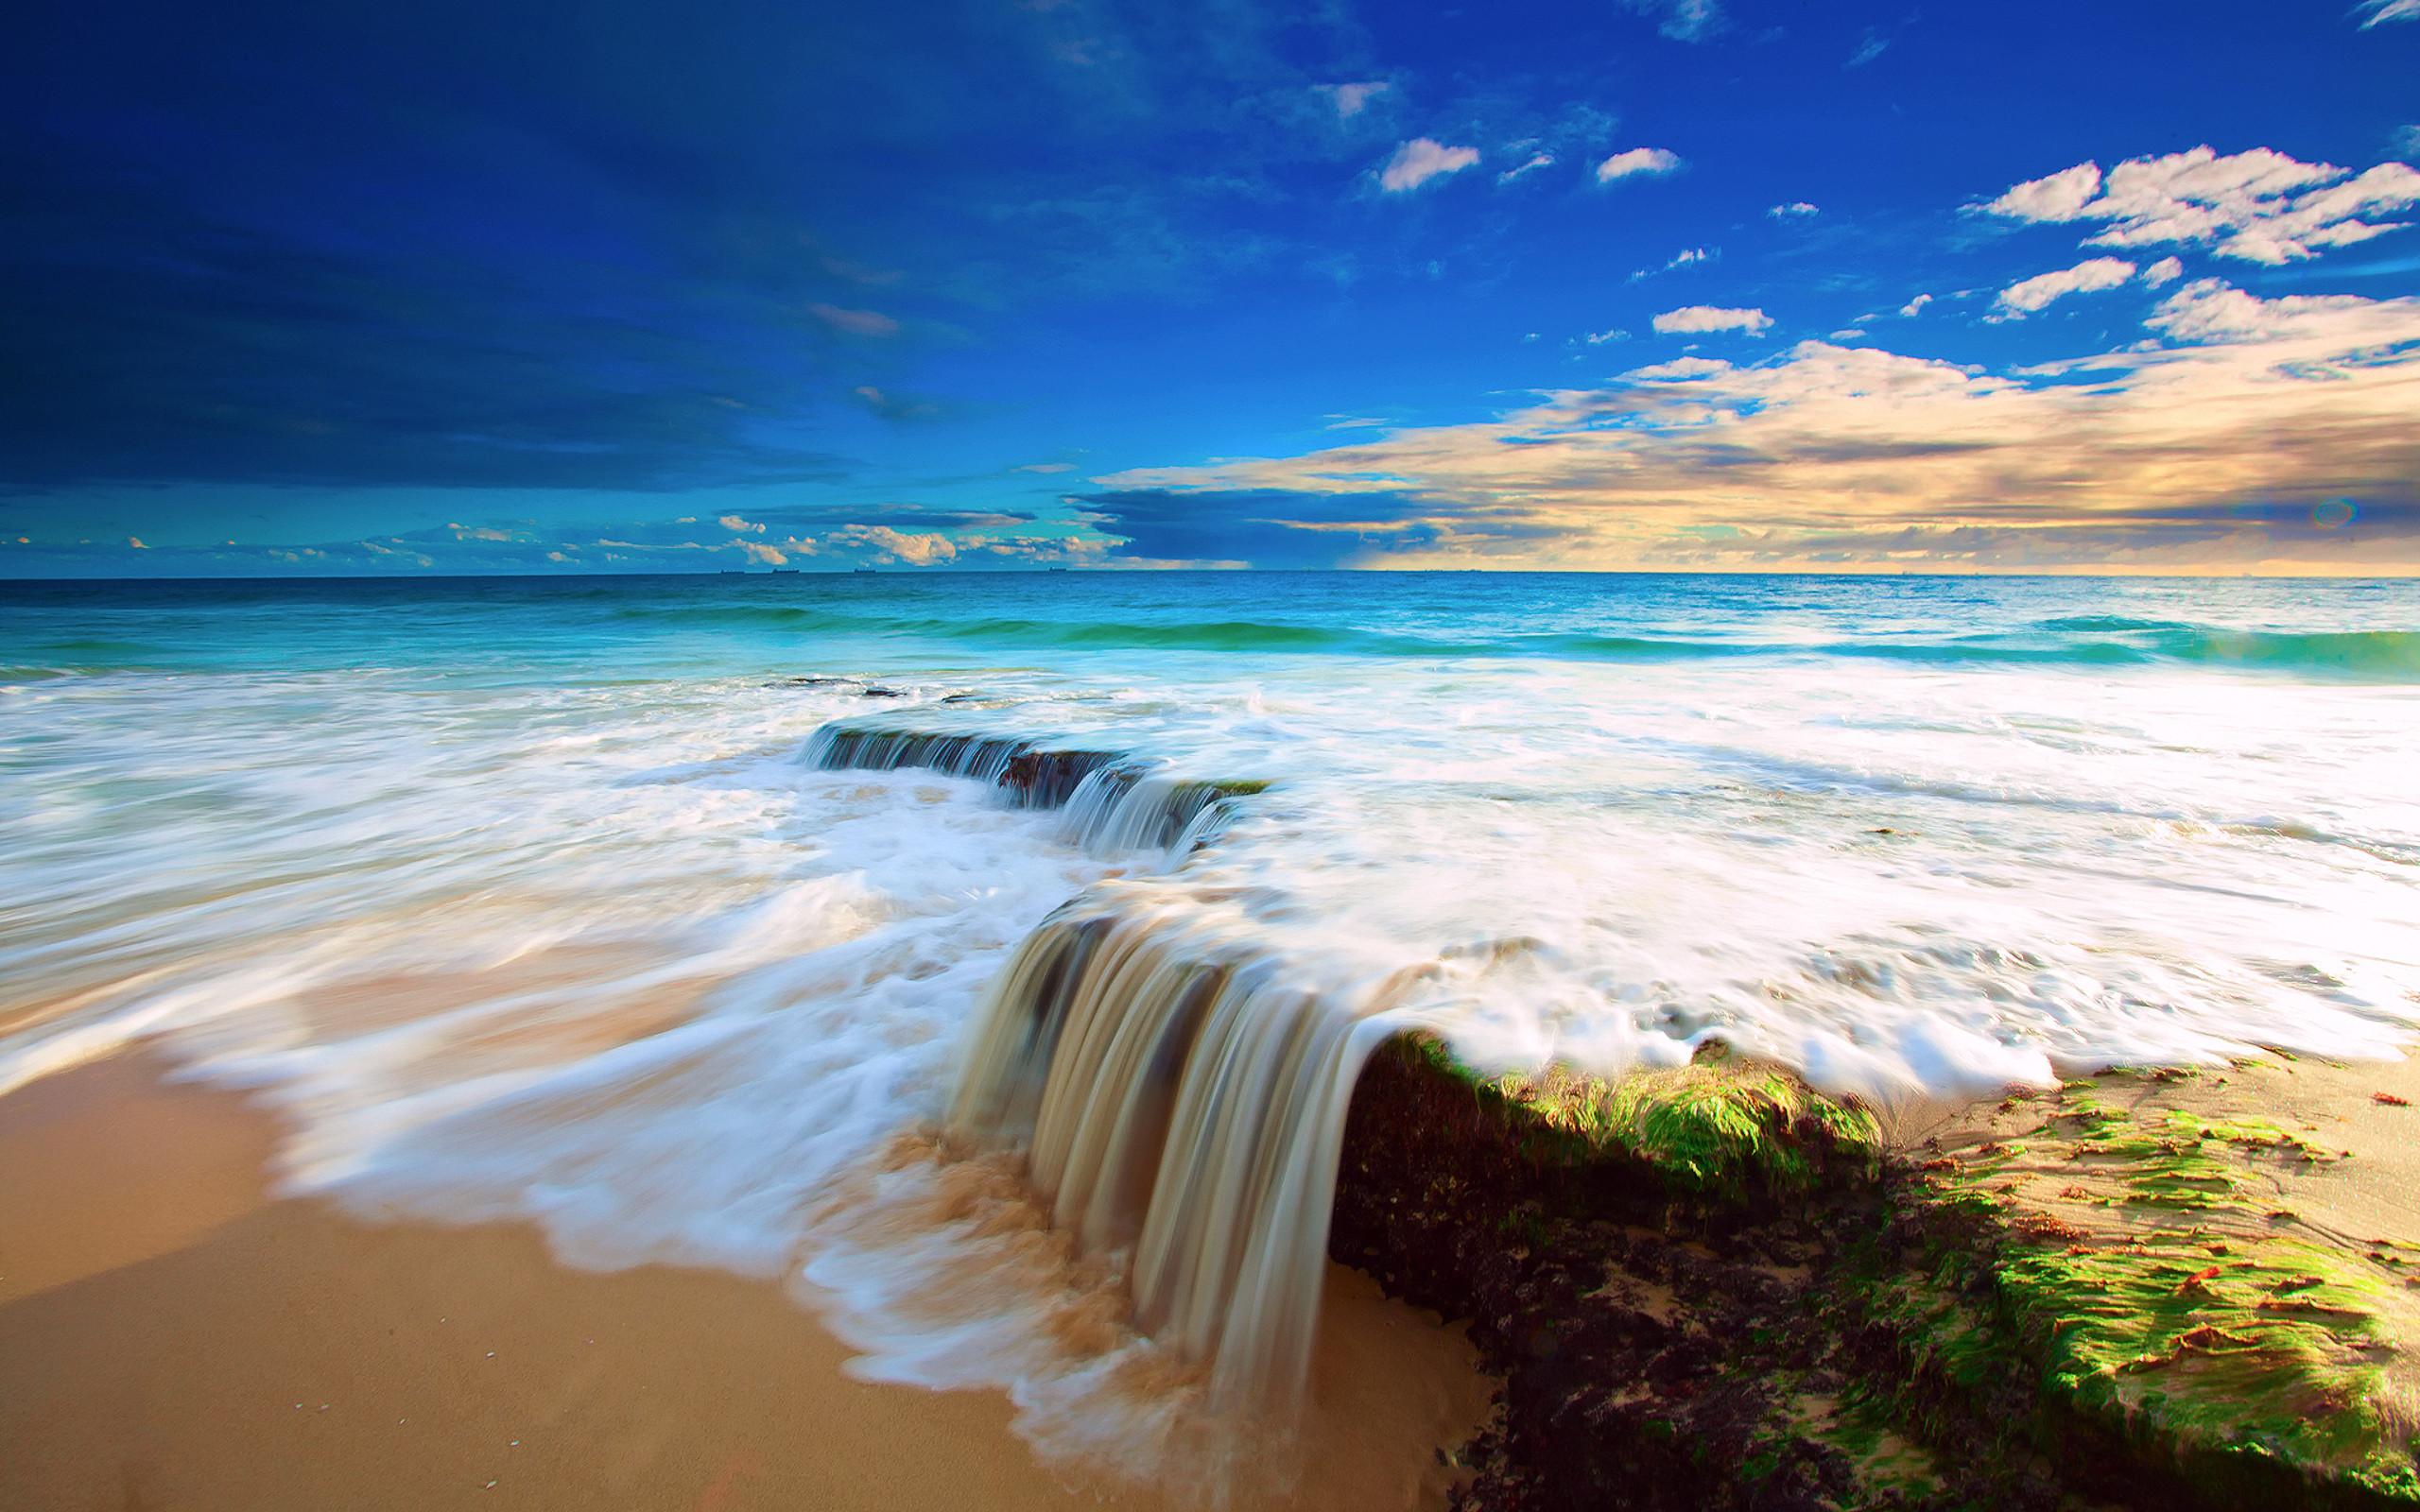 Desktop Background Nature Ocean Images 6 High Definition♡